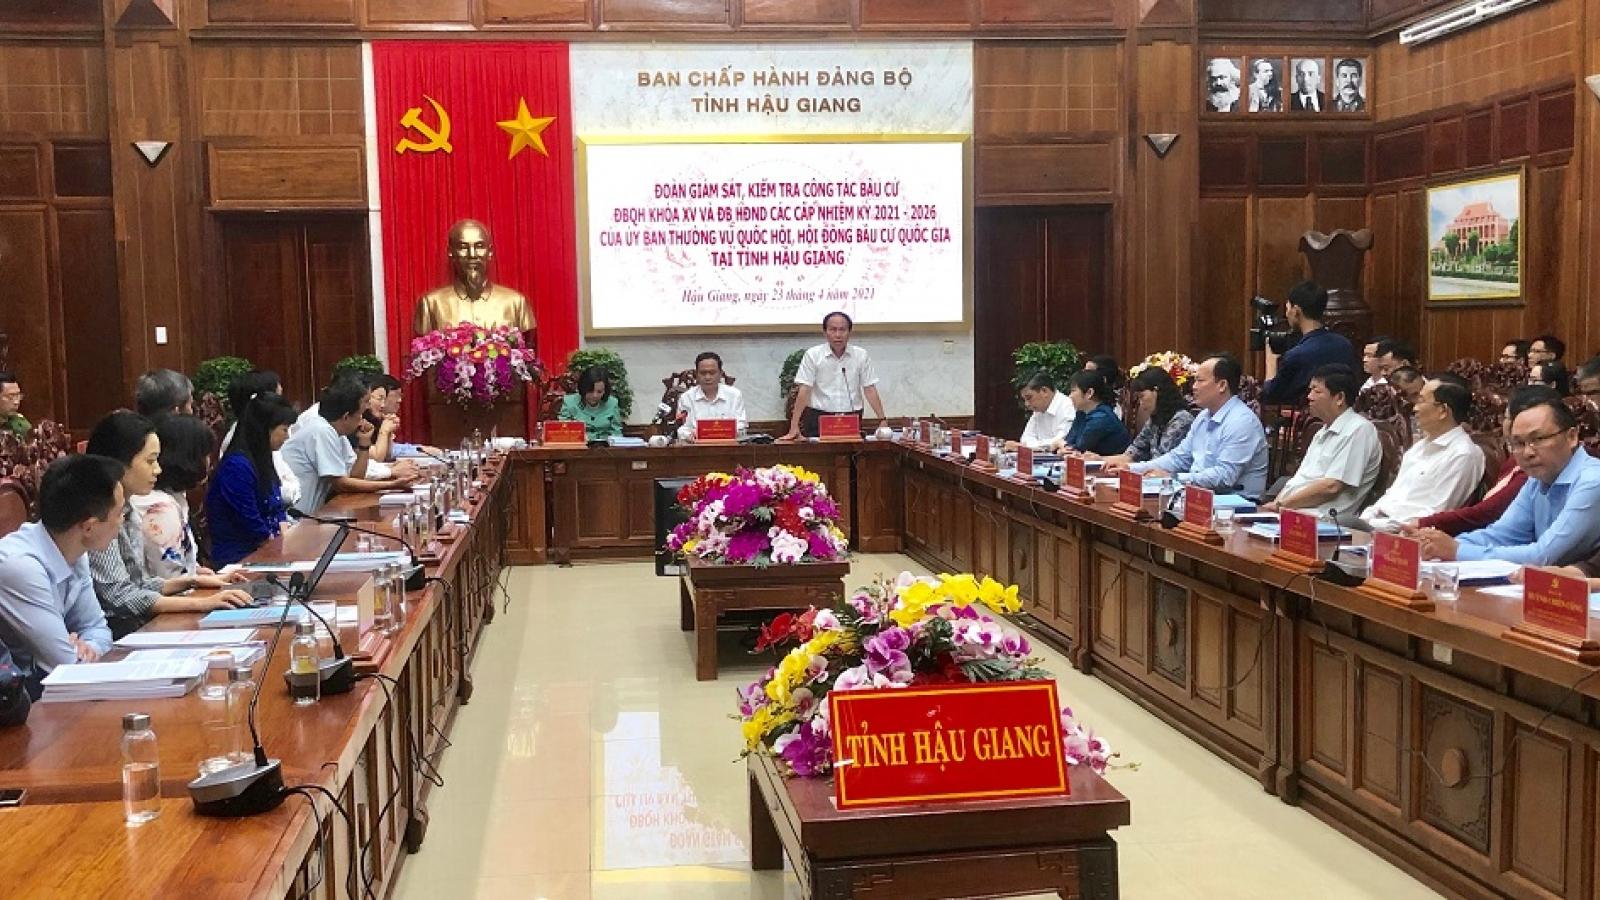 Ông Trần Thanh Mẫn kiểm tra công tác bầu cử tại tỉnh Hậu Giang